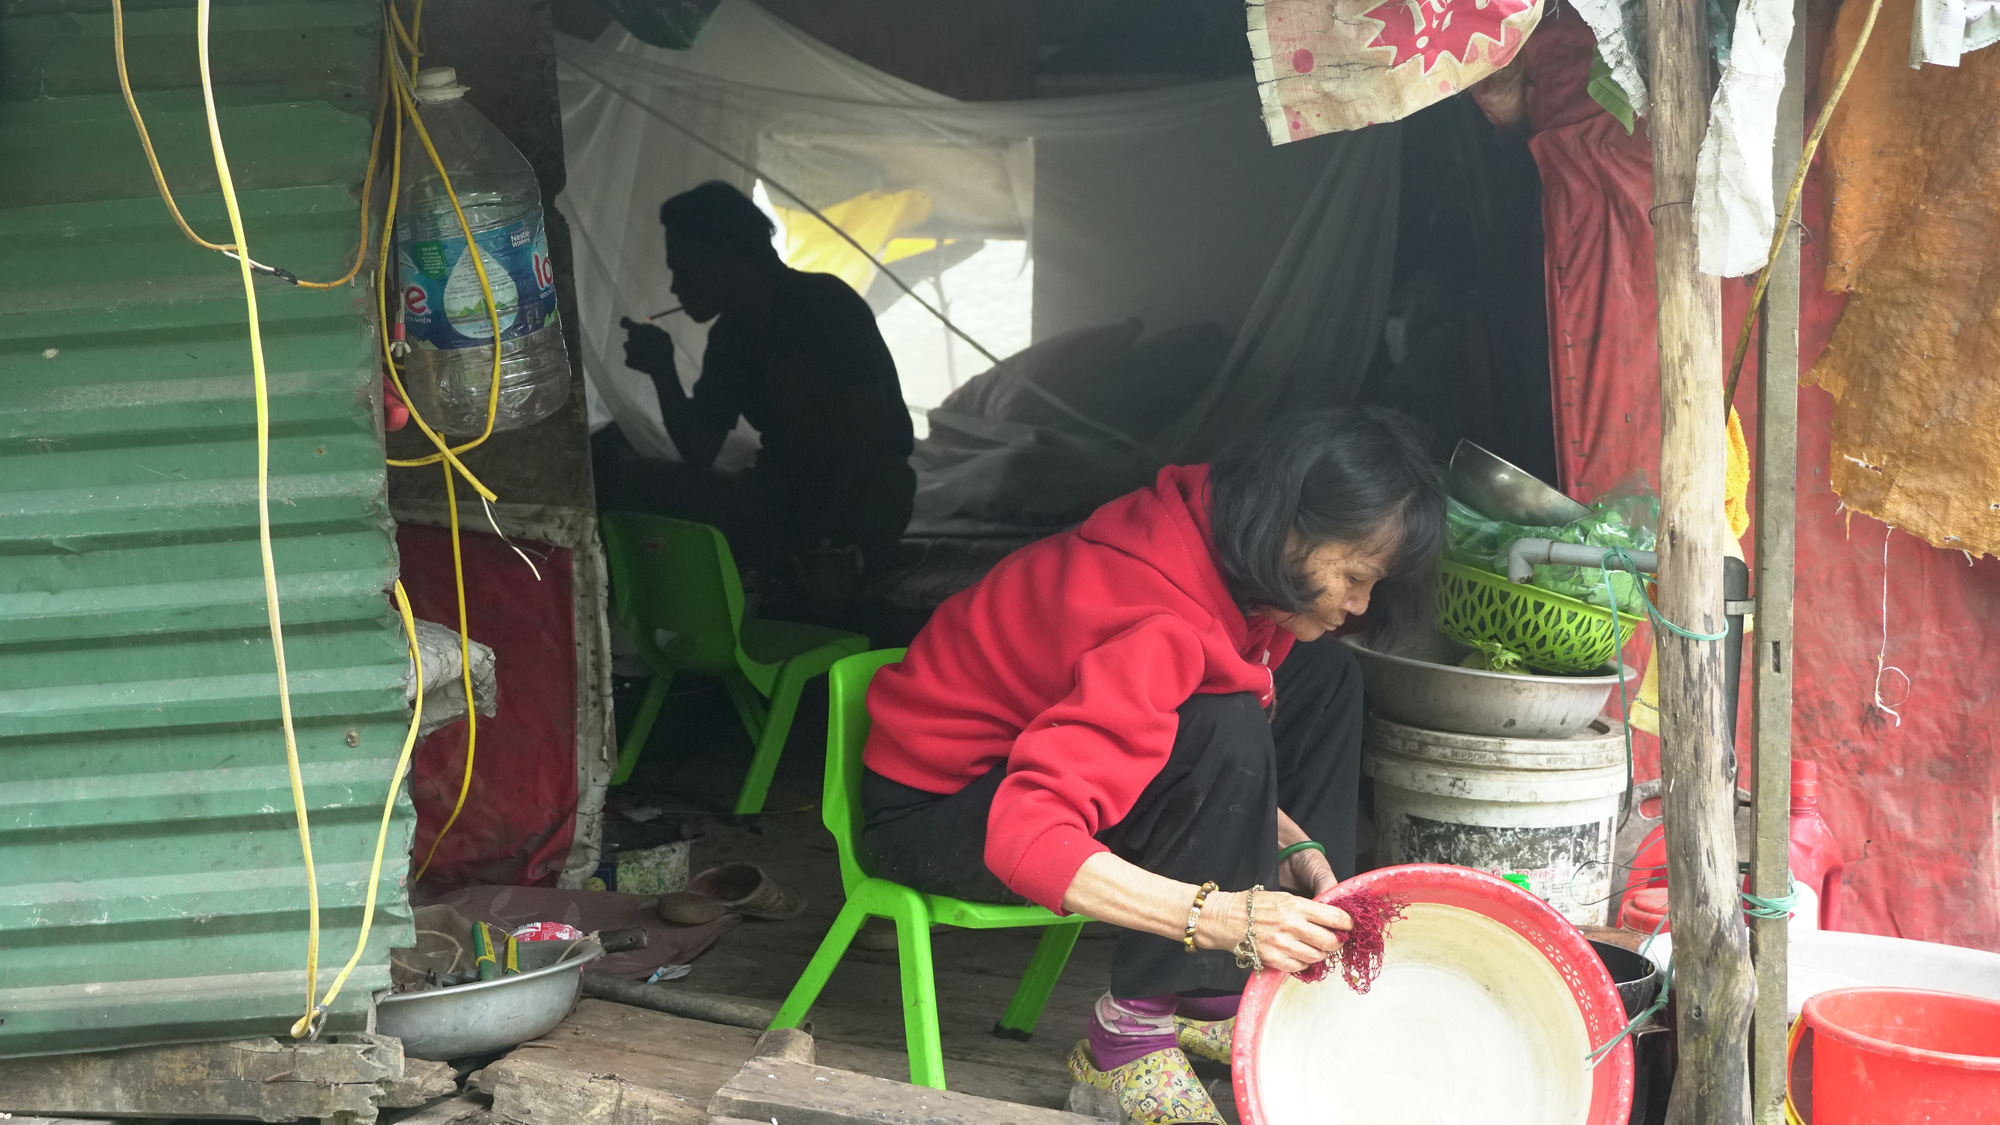 Cuộc sống cùng cực của người dân xóm chài Hà Nội và nỗi lo quy hoạch - Ảnh 6.